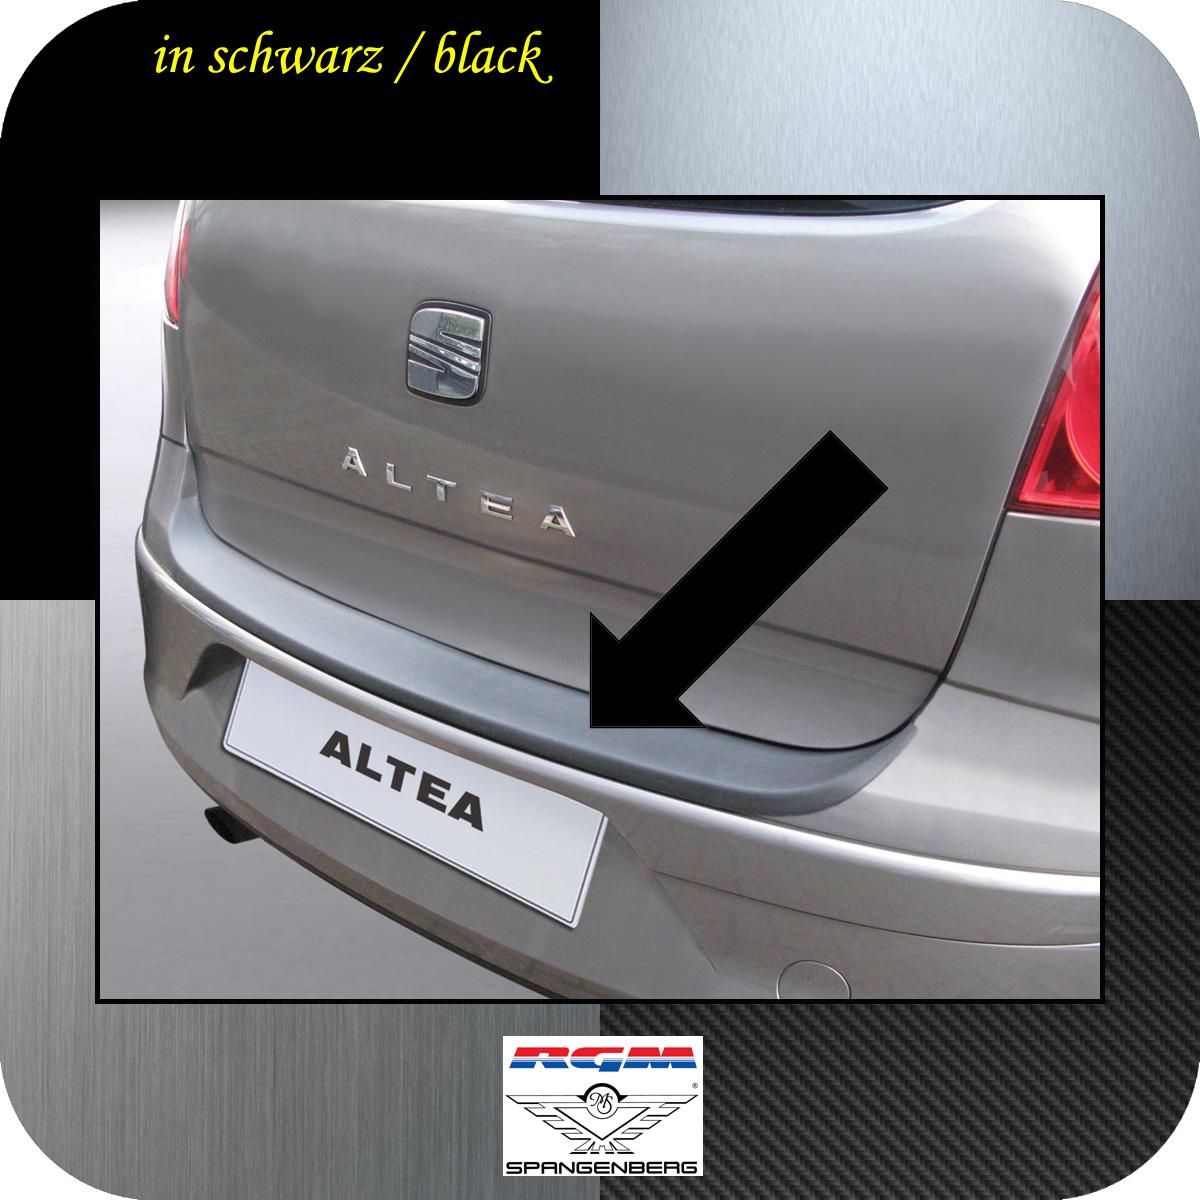 Ladekantenschutz schwarz Seat Altea Van Kombi vor facelift 2004-2009 3500273